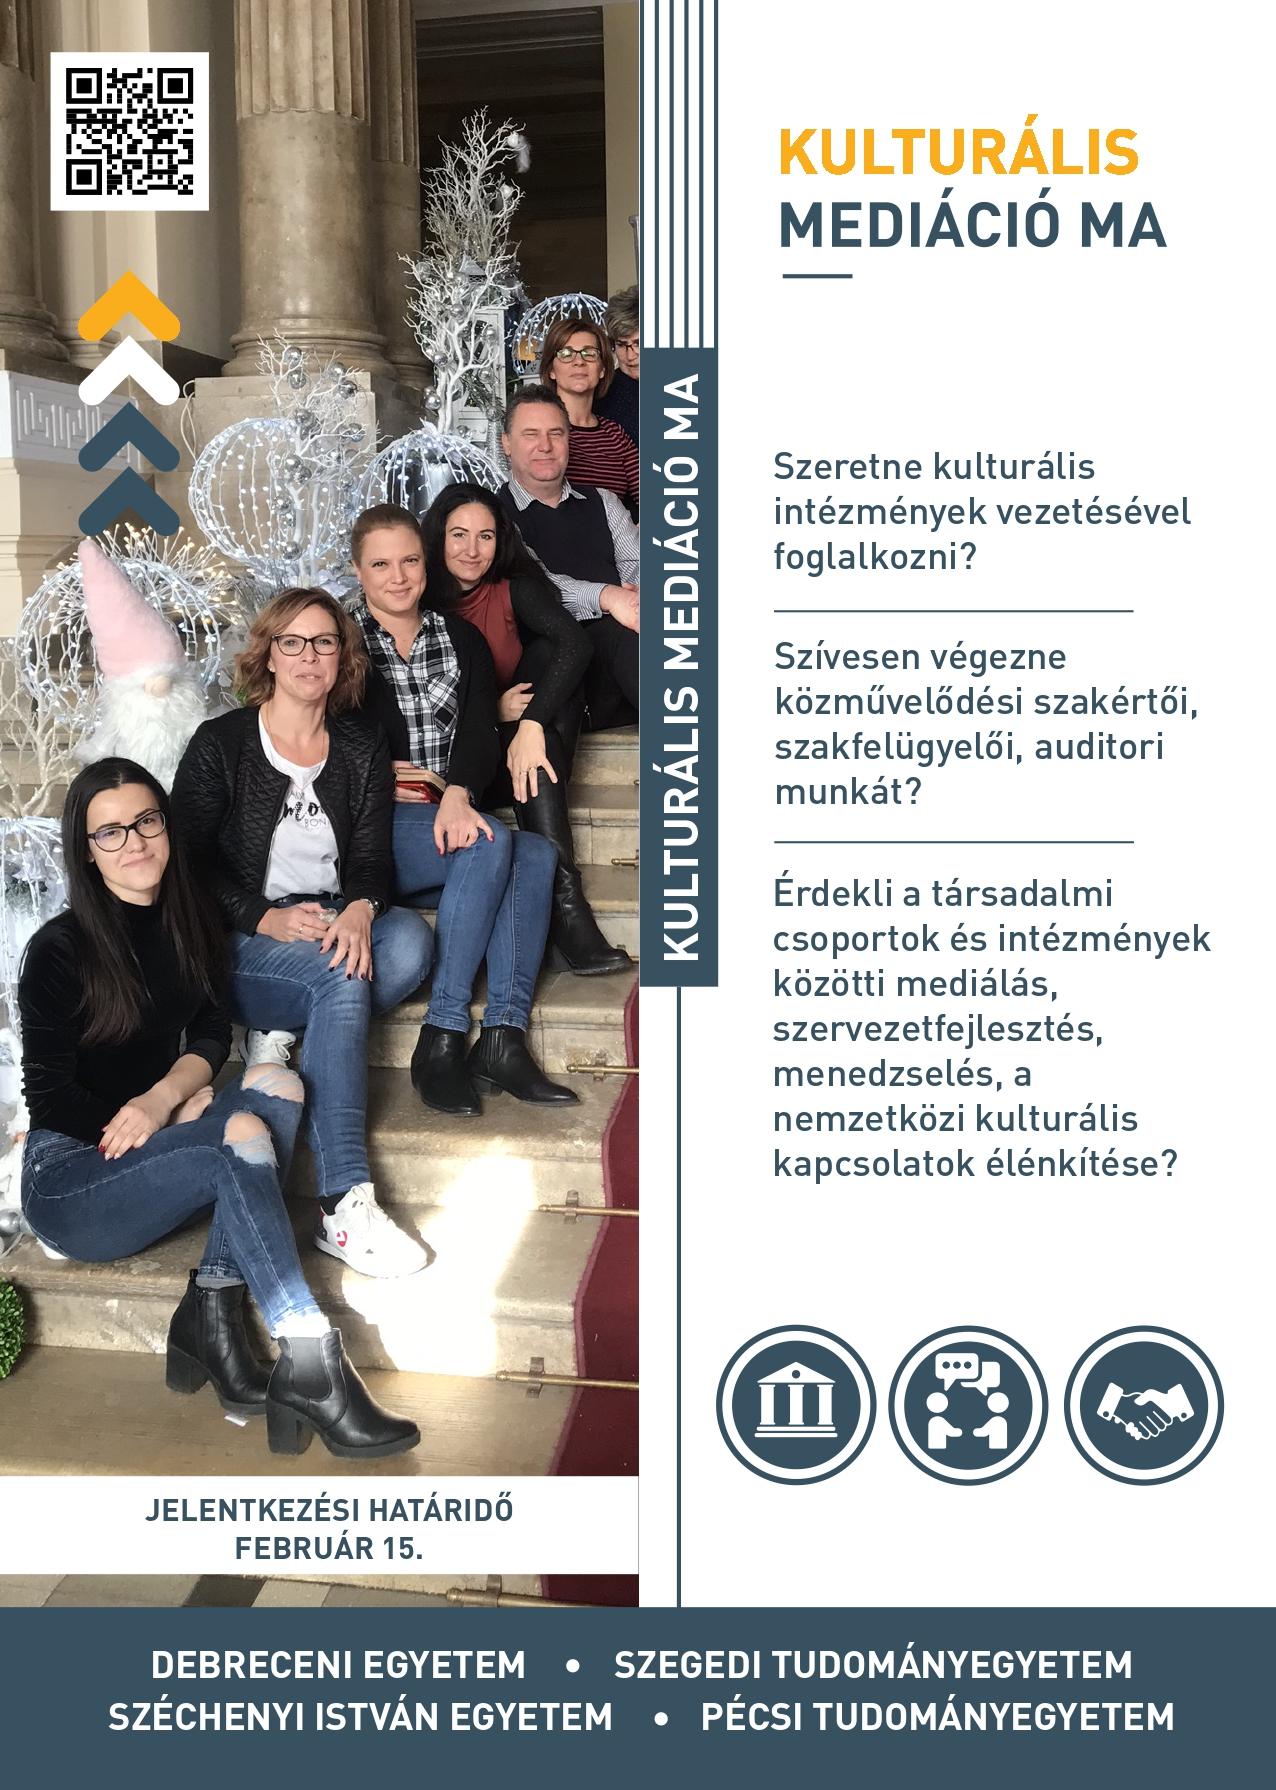 Kulturalis_mediacio_plakat (2)